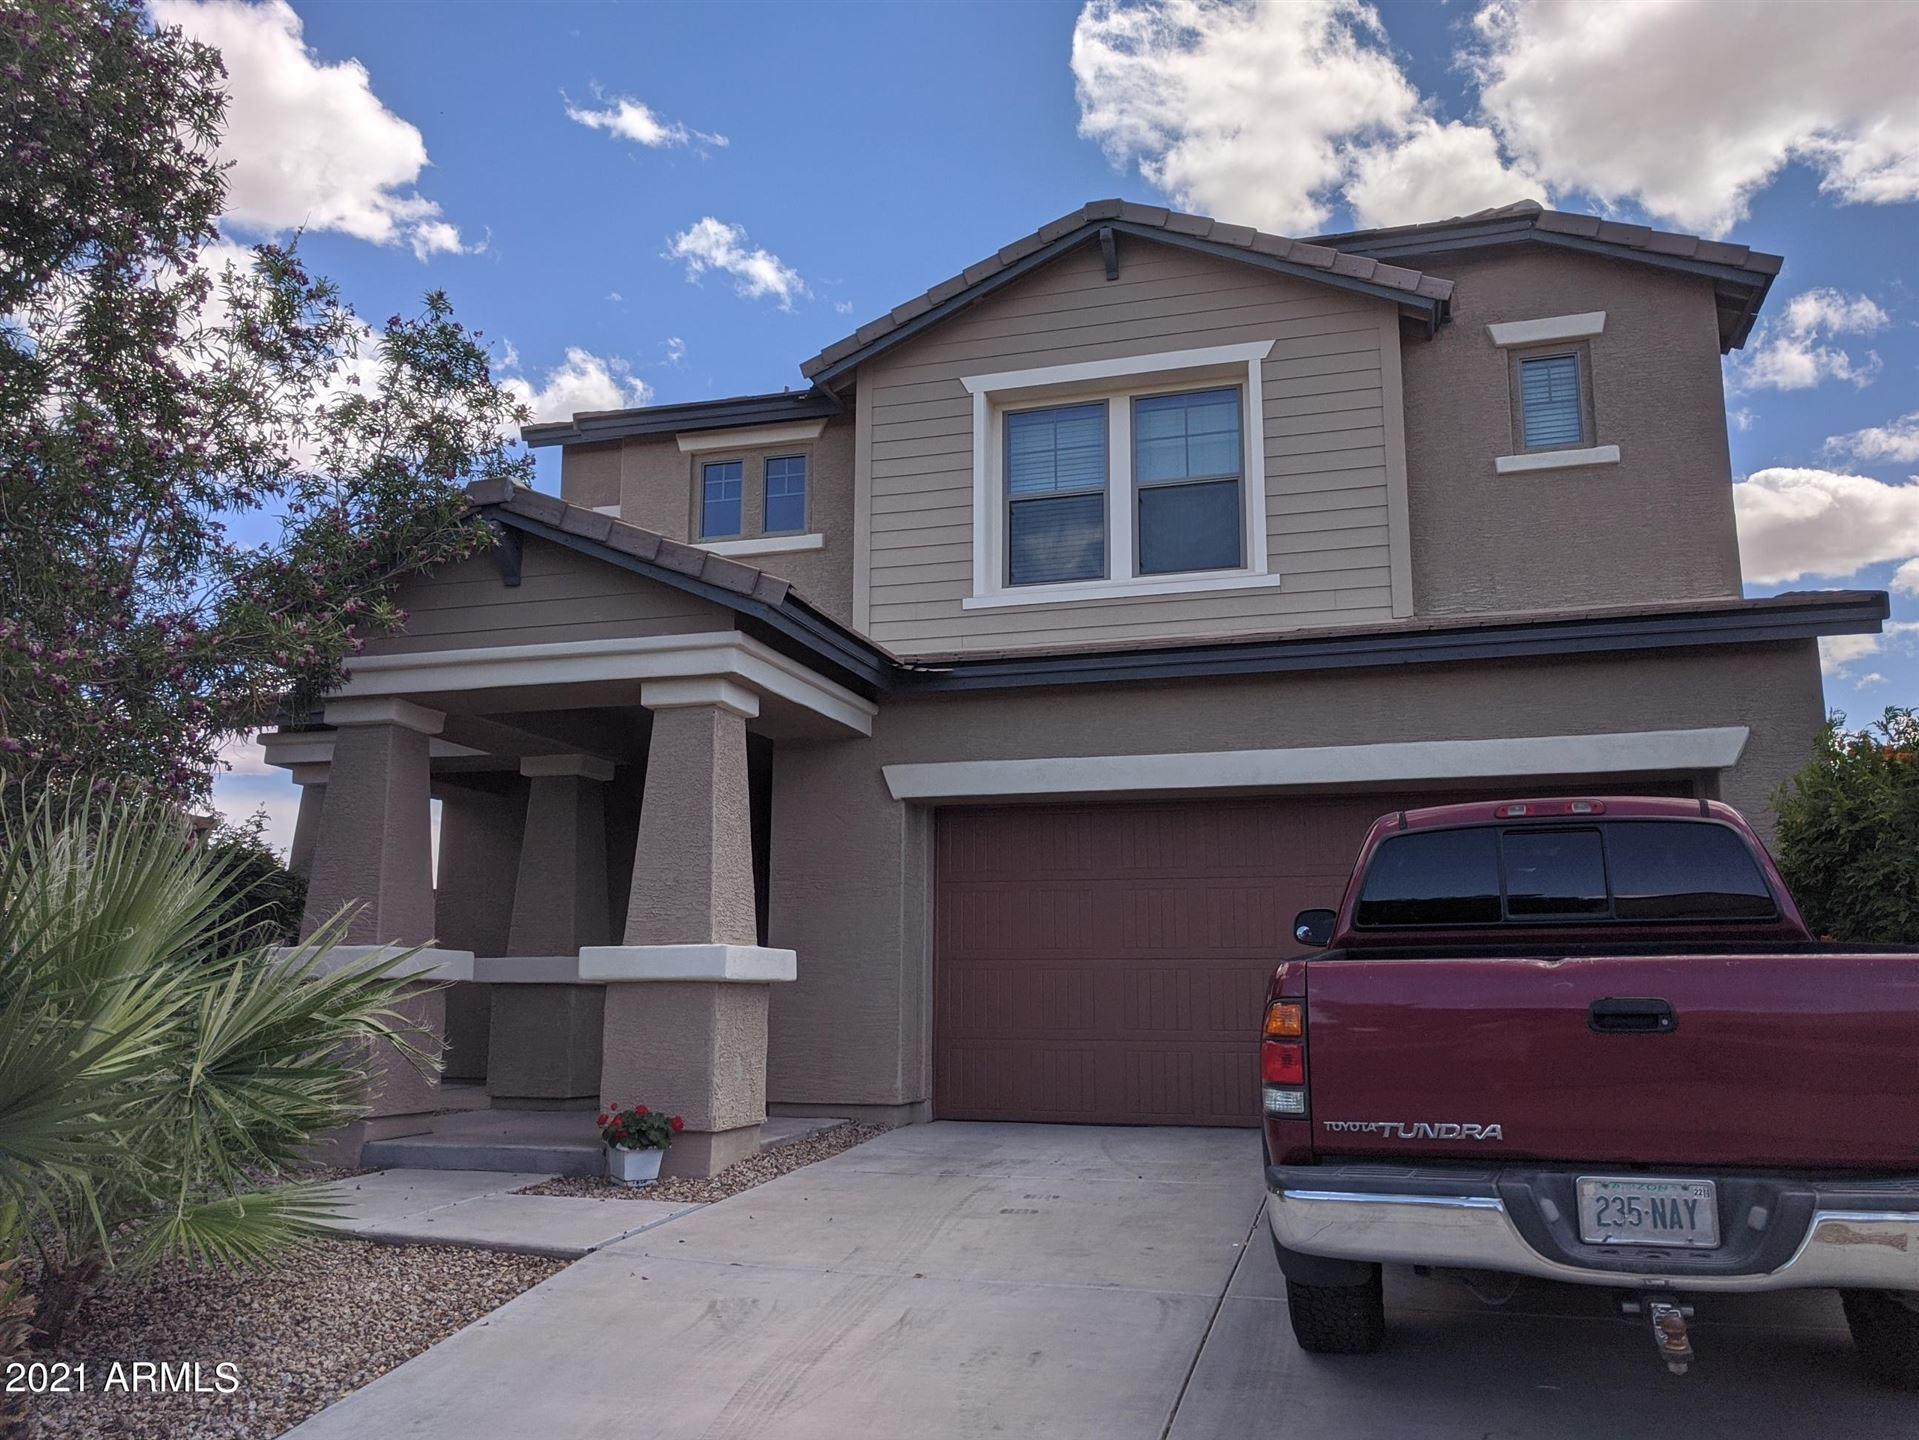 Photo of 4329 W KIRKLAND Avenue, Queen Creek, AZ 85142 (MLS # 6232081)